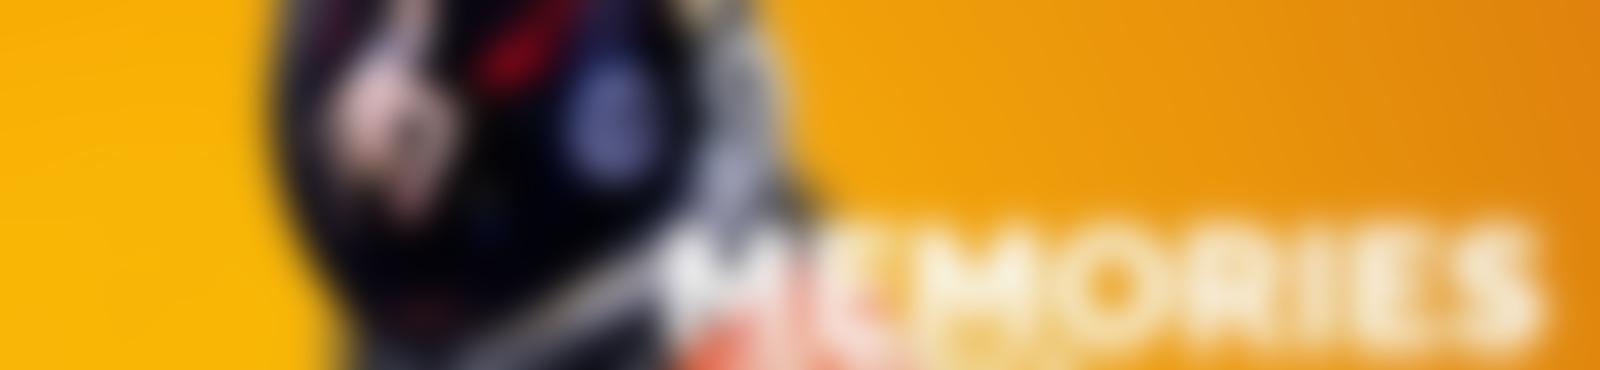 Blurred 56c772f7 6bf1 410f 8207 7e13dd03533d